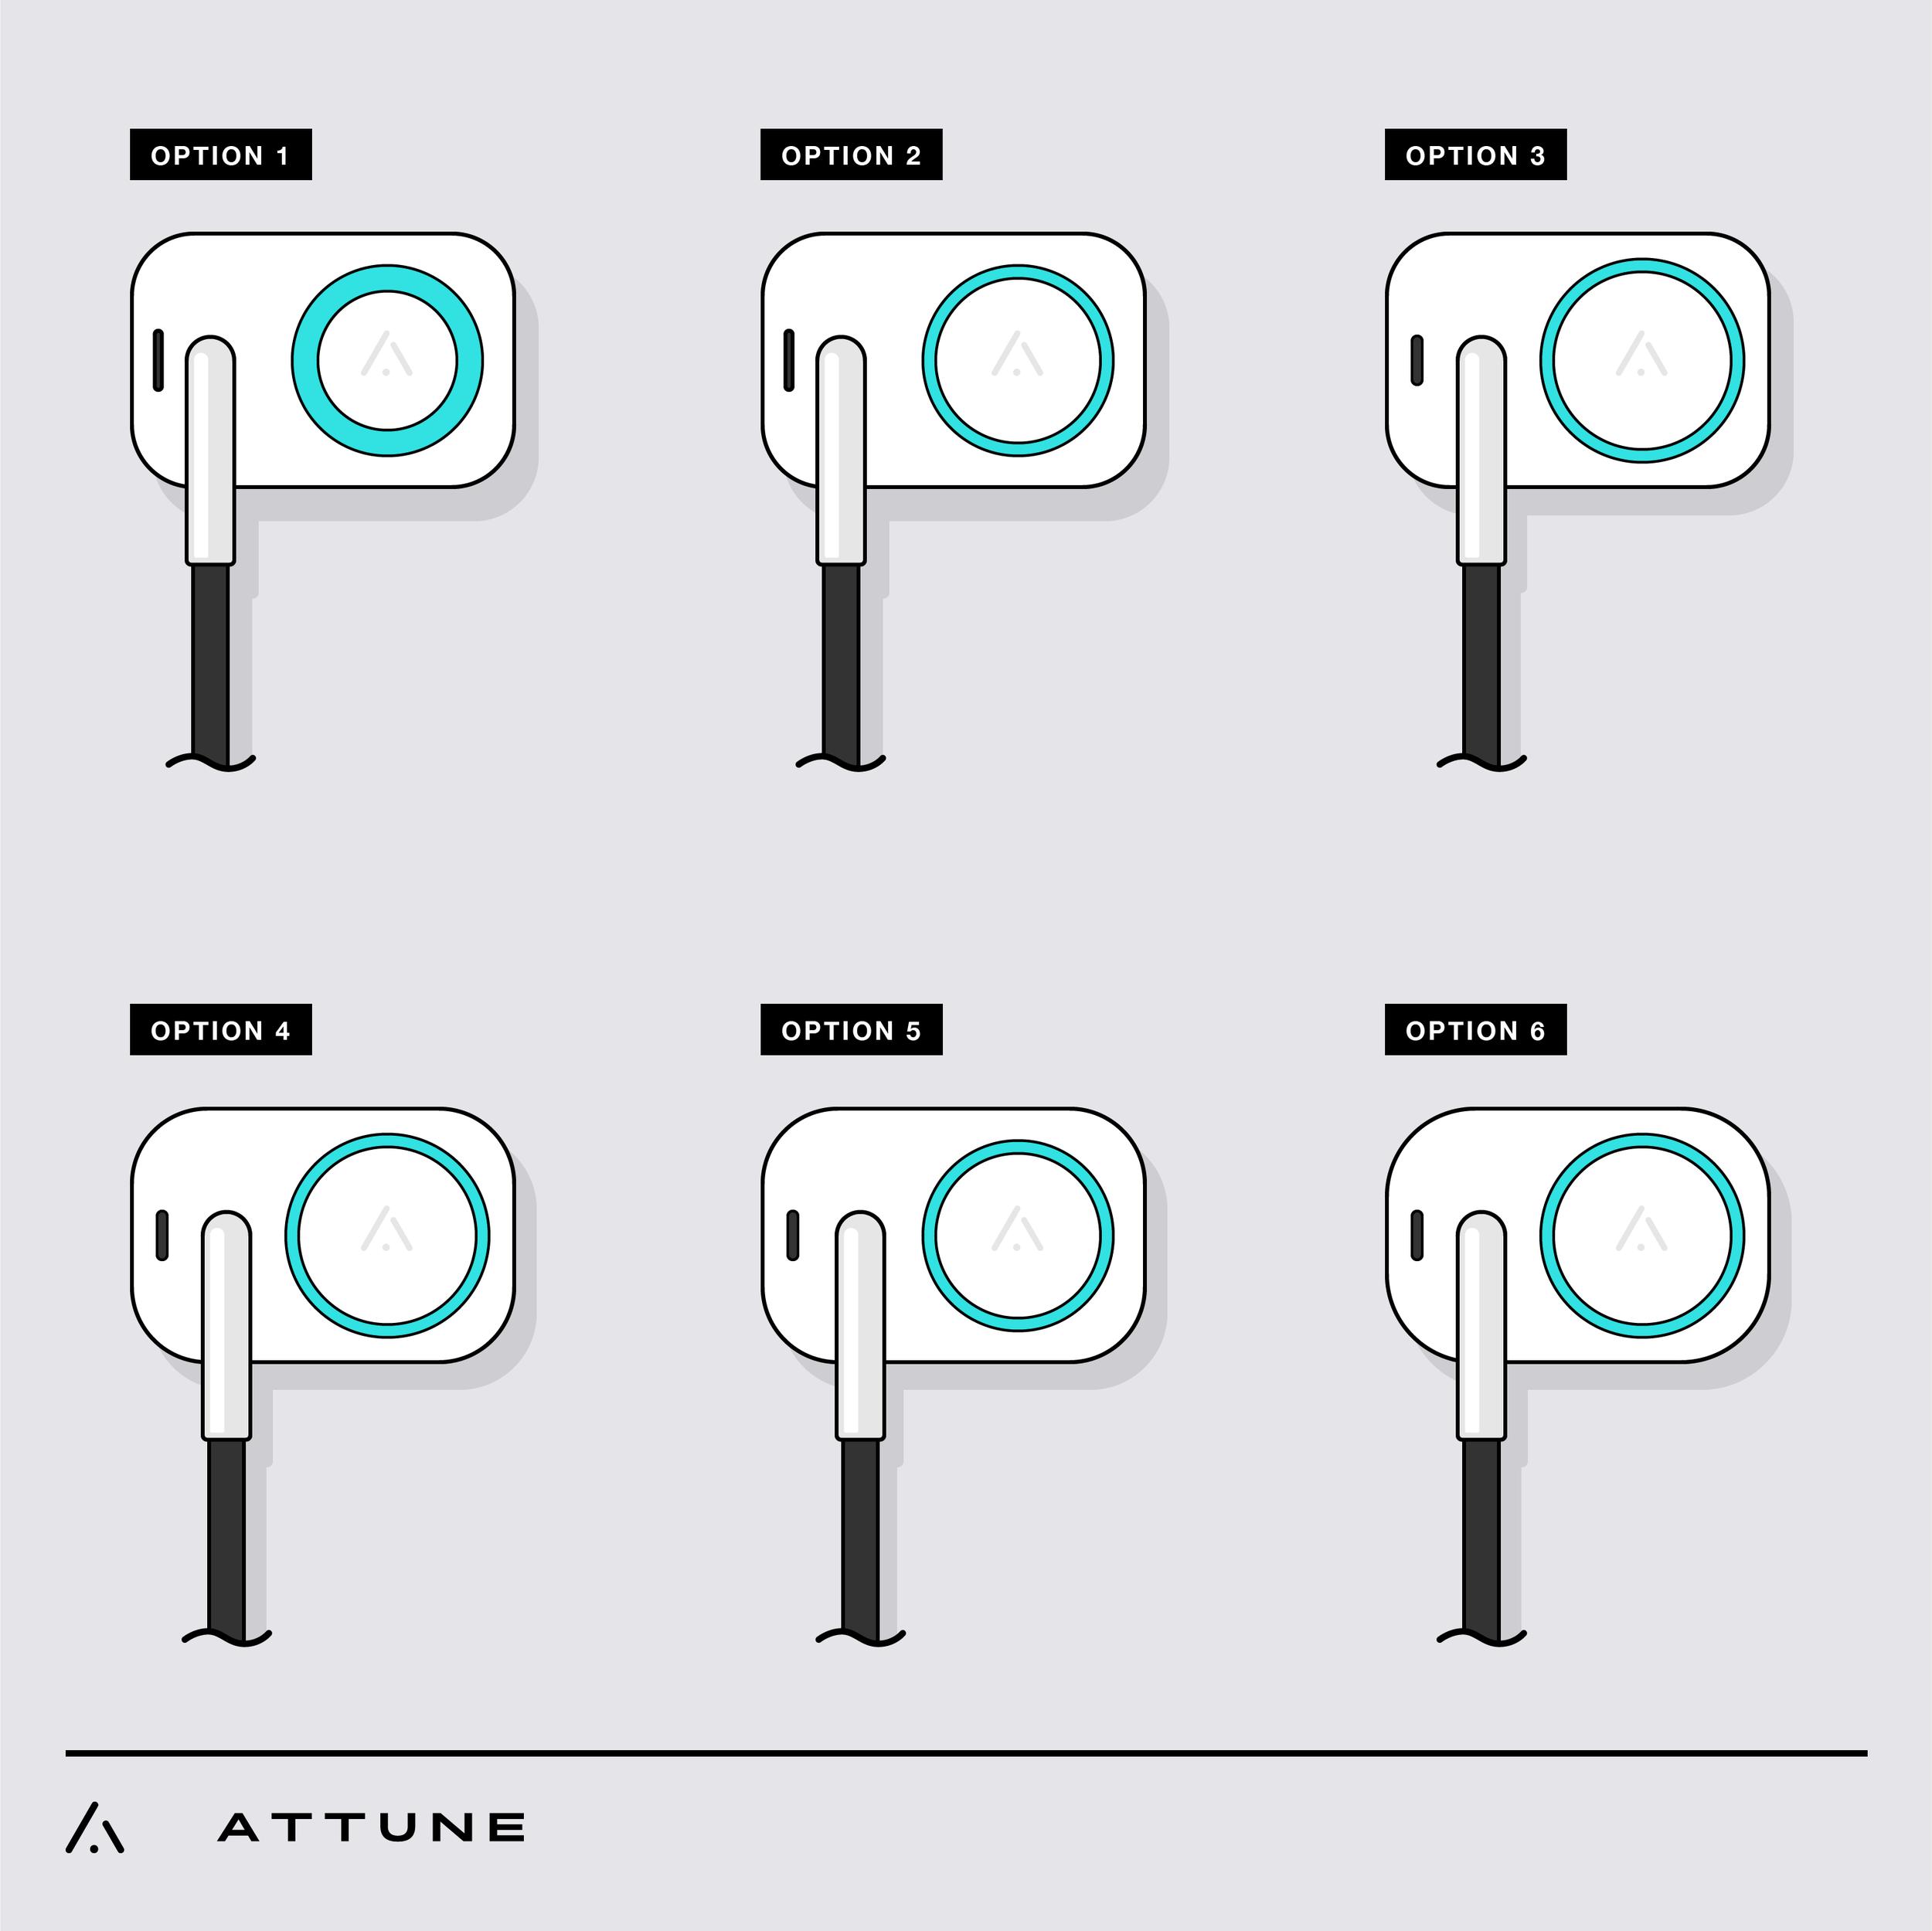 Audesis_Attune-Concepts-v1.png